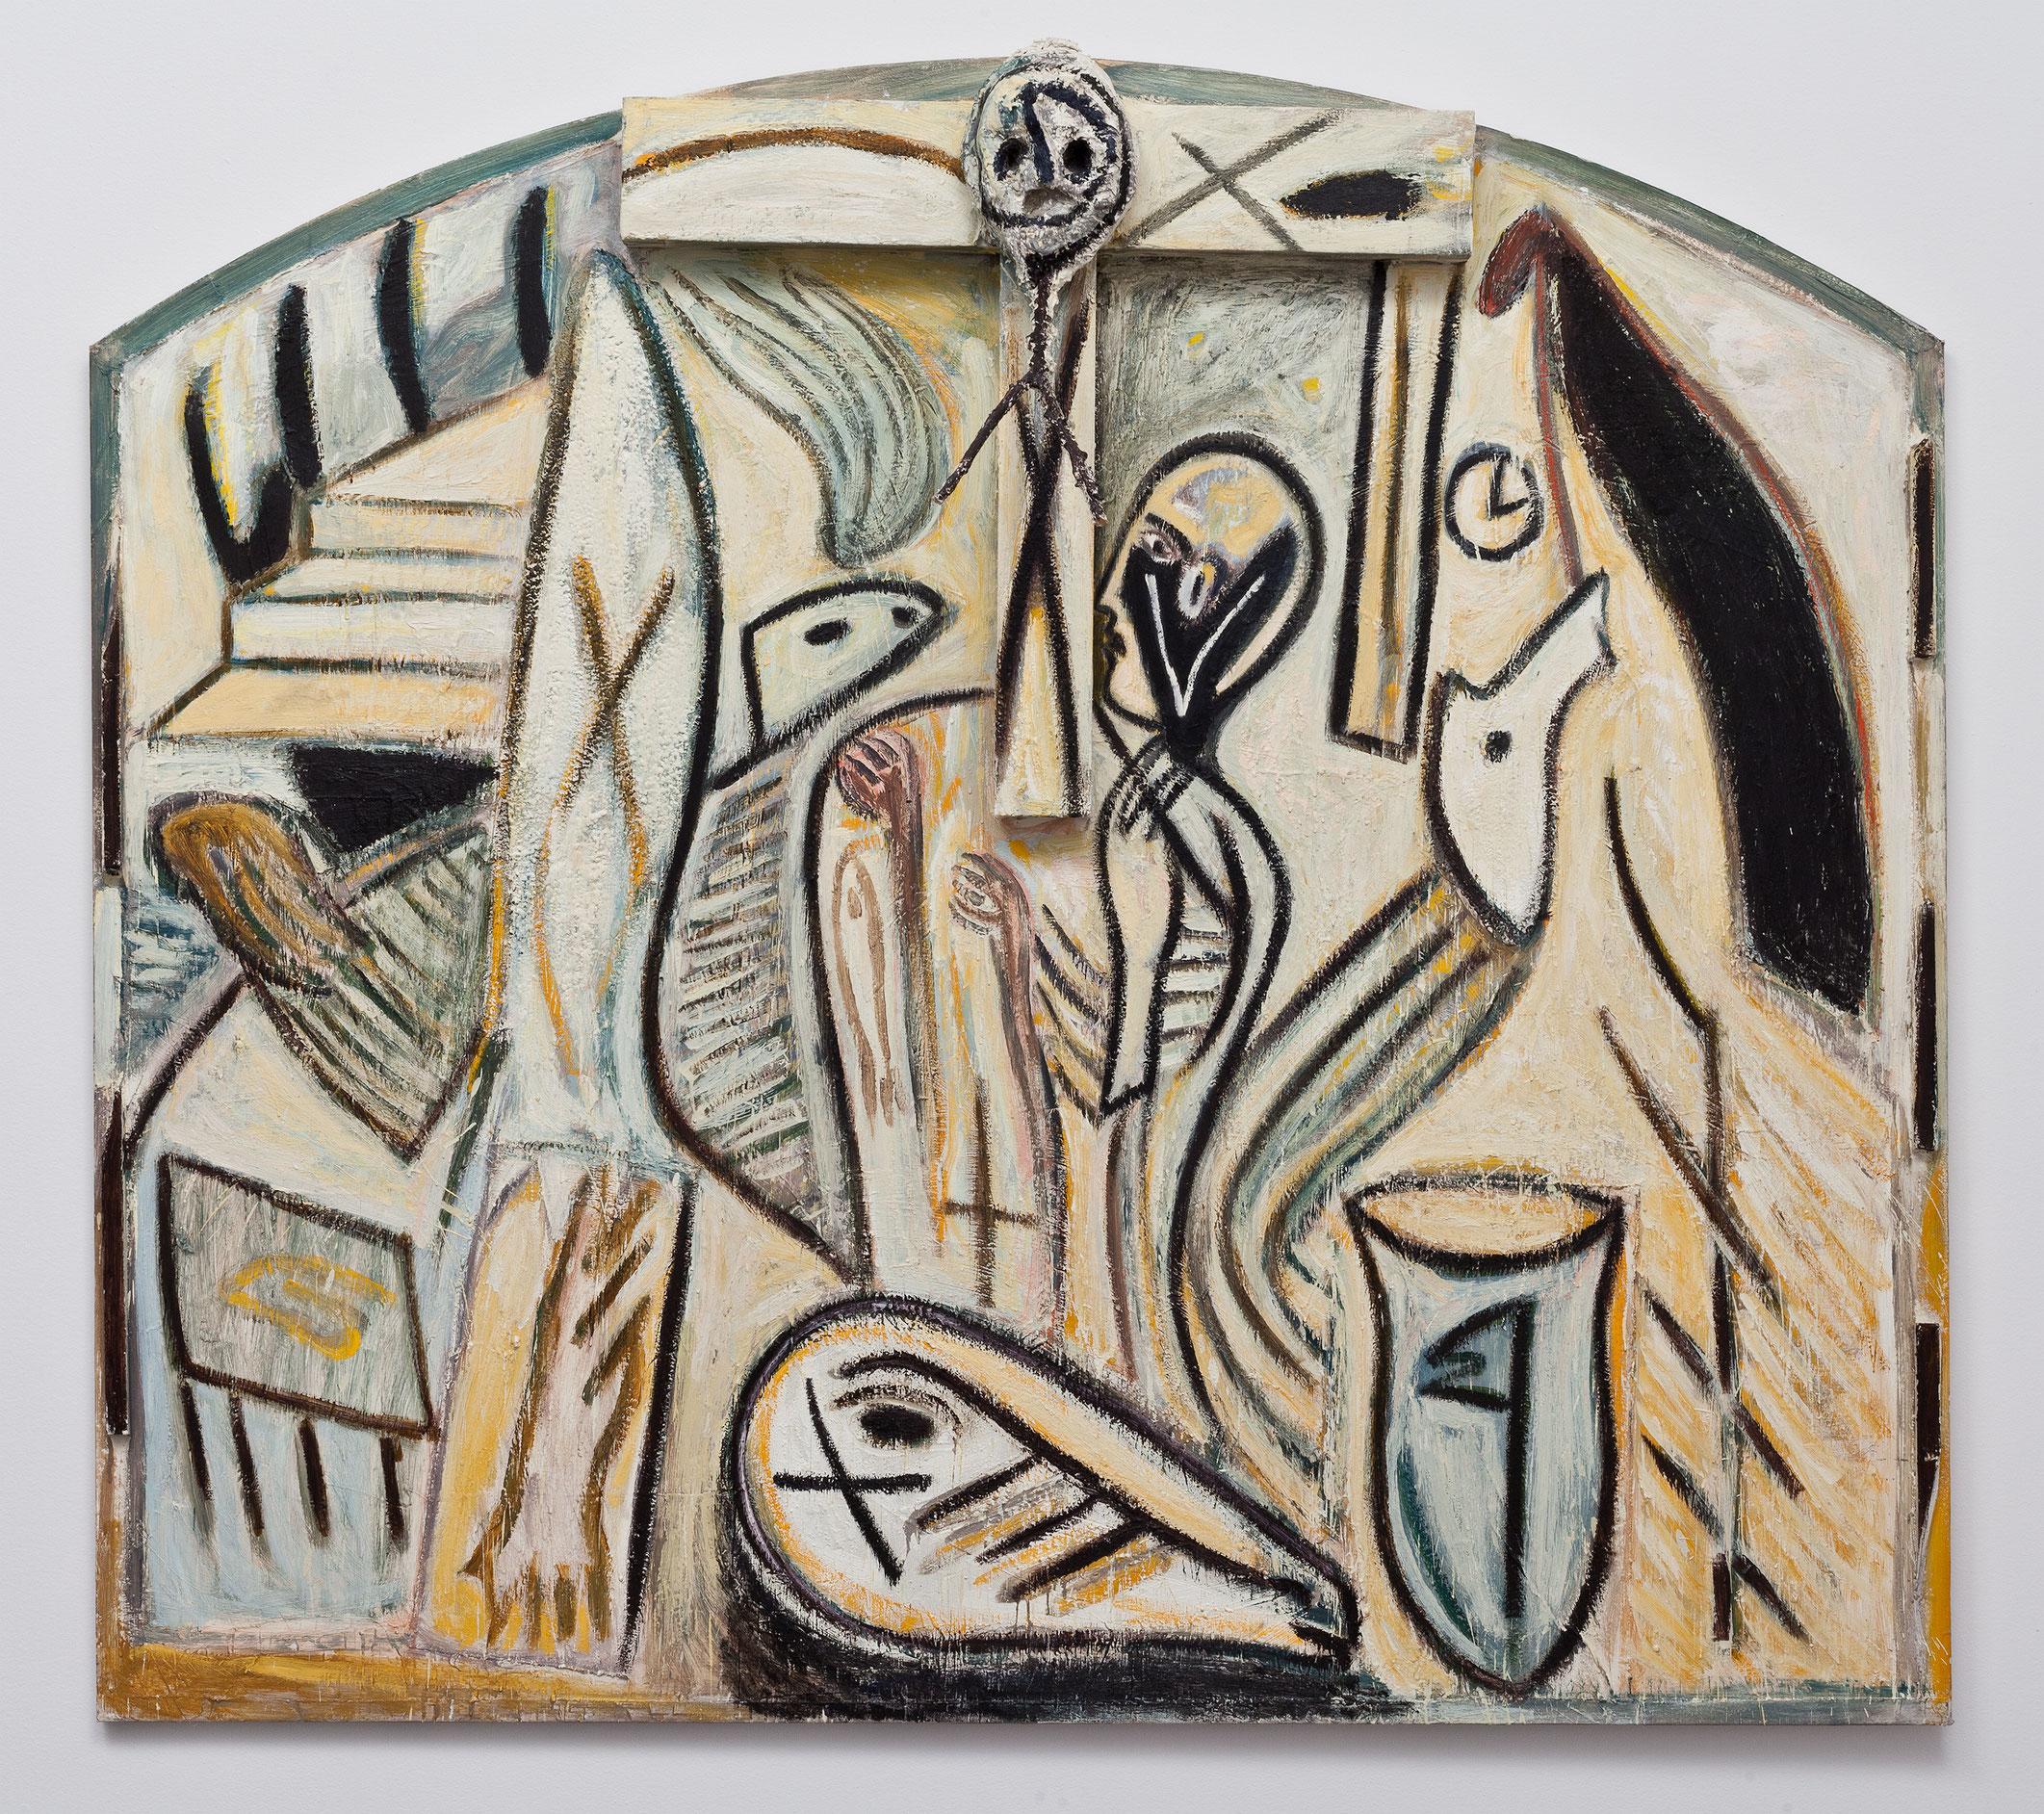 Untitled, 1985, Mimmo Paladino, Huile, encaustique et bois sur toile.